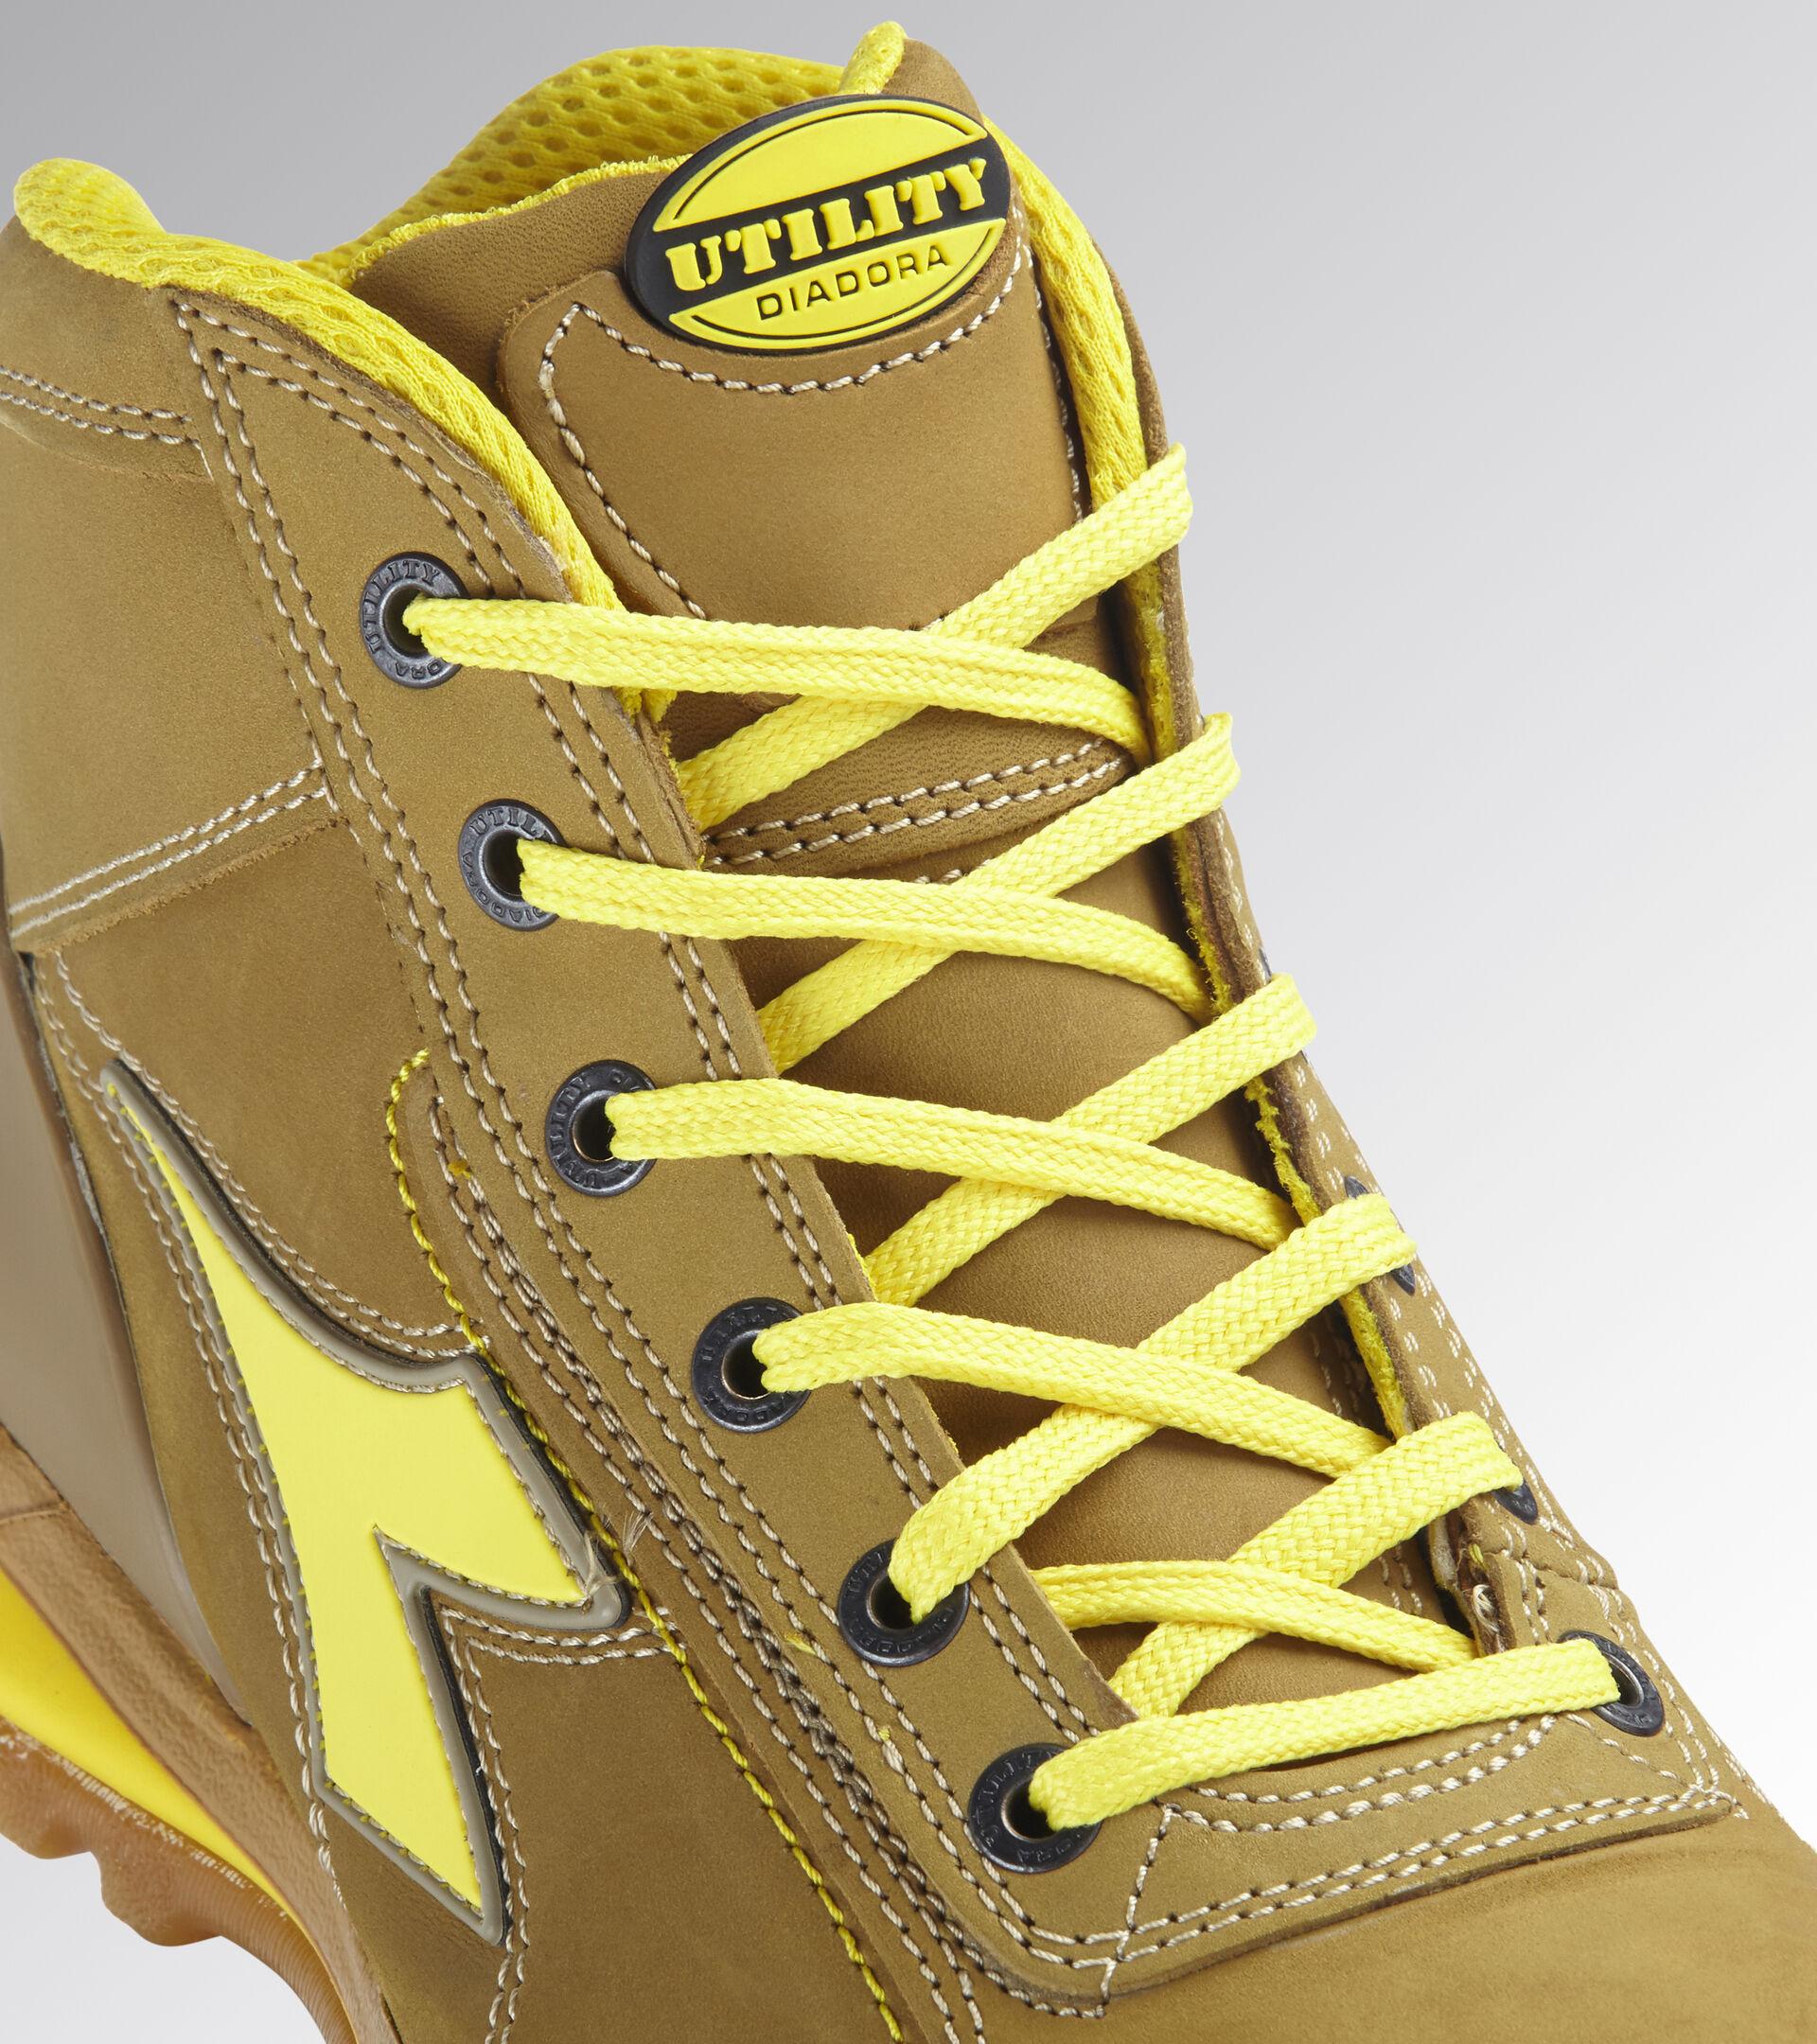 Footwear Utility UNISEX GLOVE MID S3 HRO SRA HONIG Utility